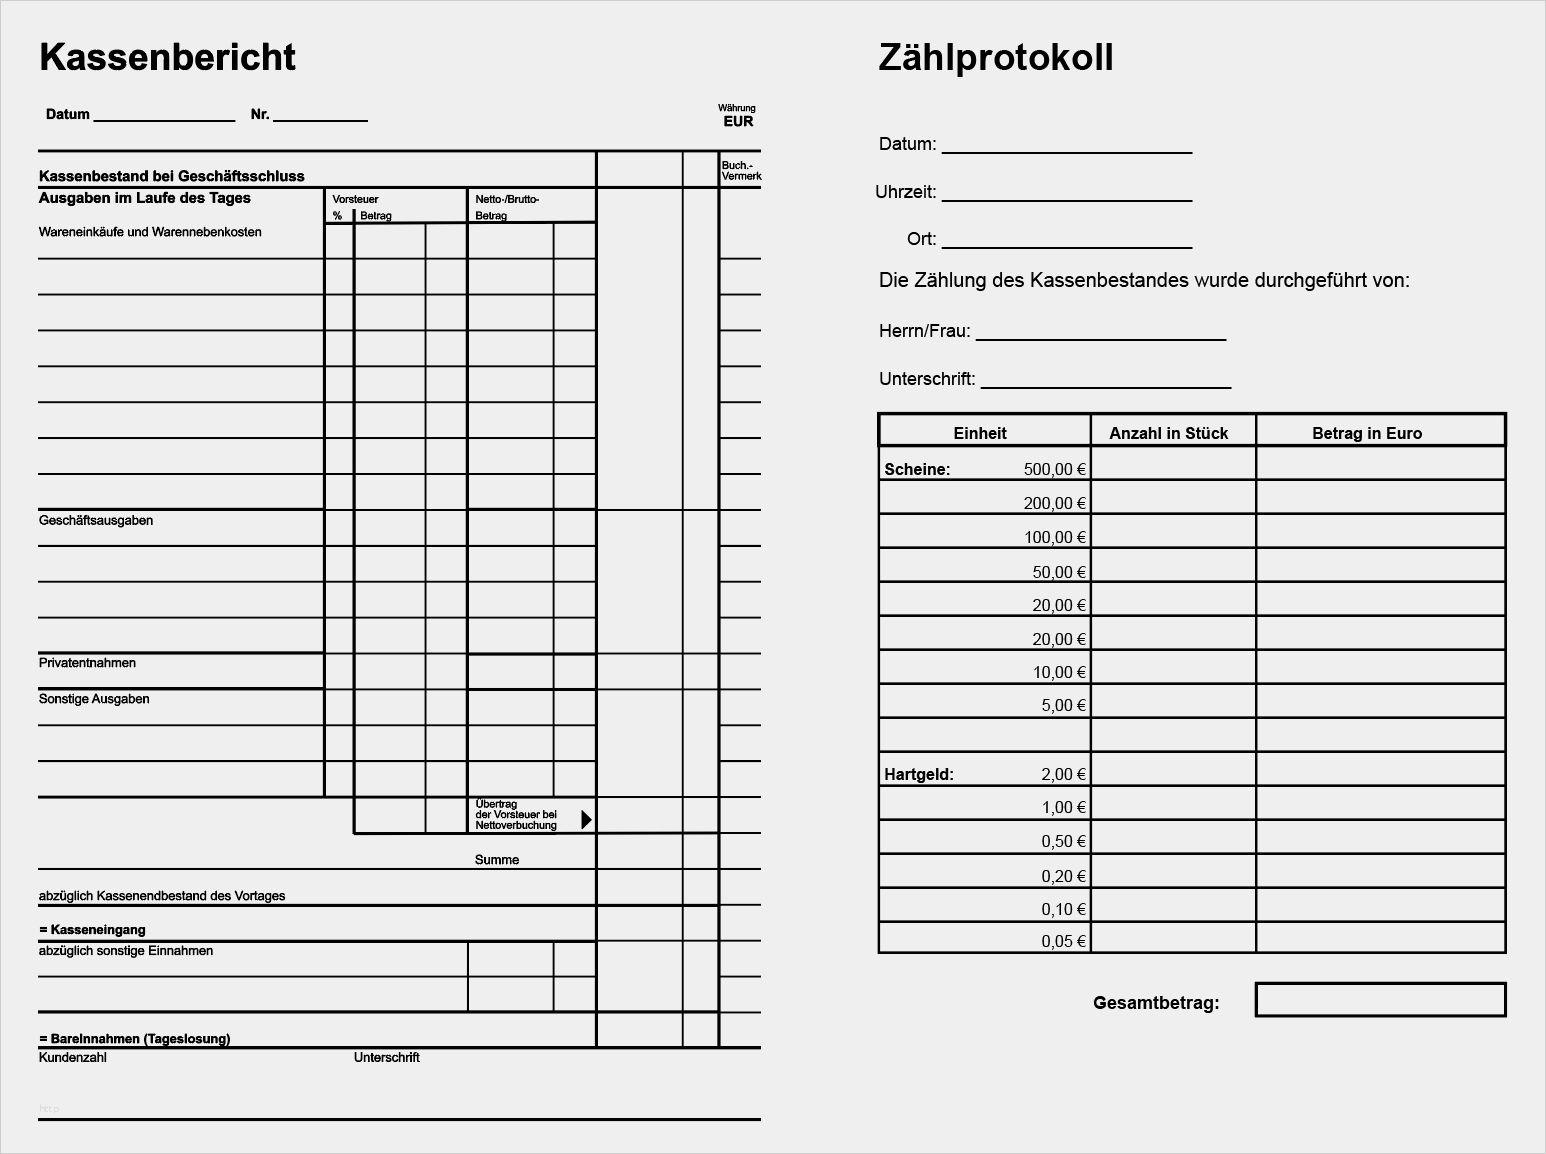 33 Bewundernswert Fuhrerschein Vorlage Pdf Foto In 2020 Anschreiben Vorlage Vorlagen Excel Vorlage